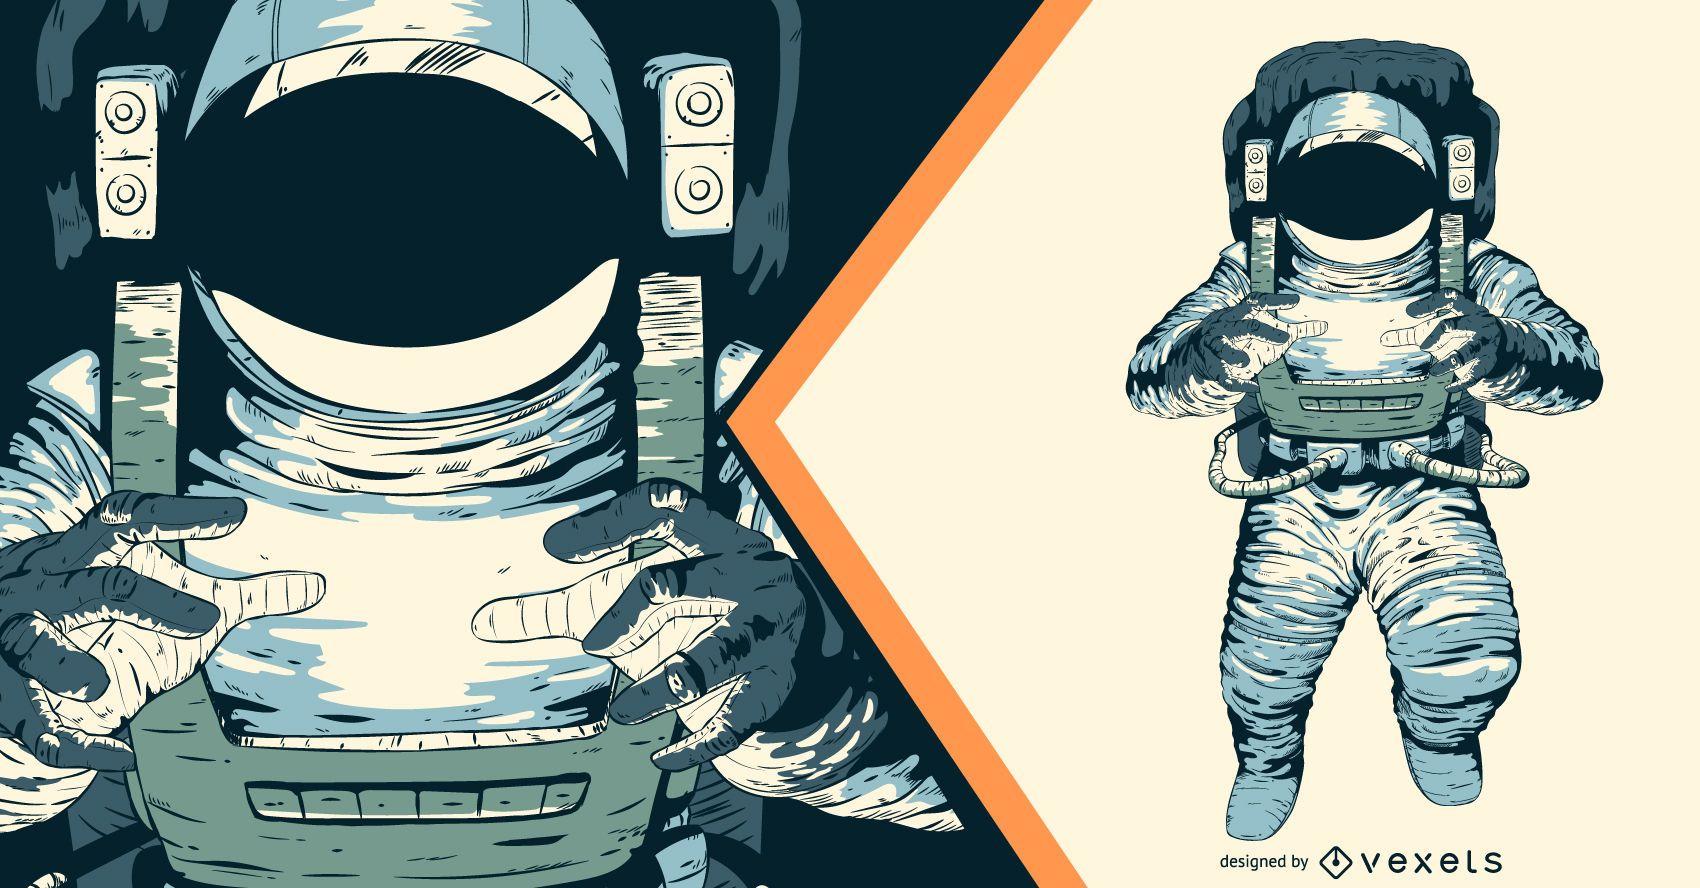 Astronaut artistic illustration design